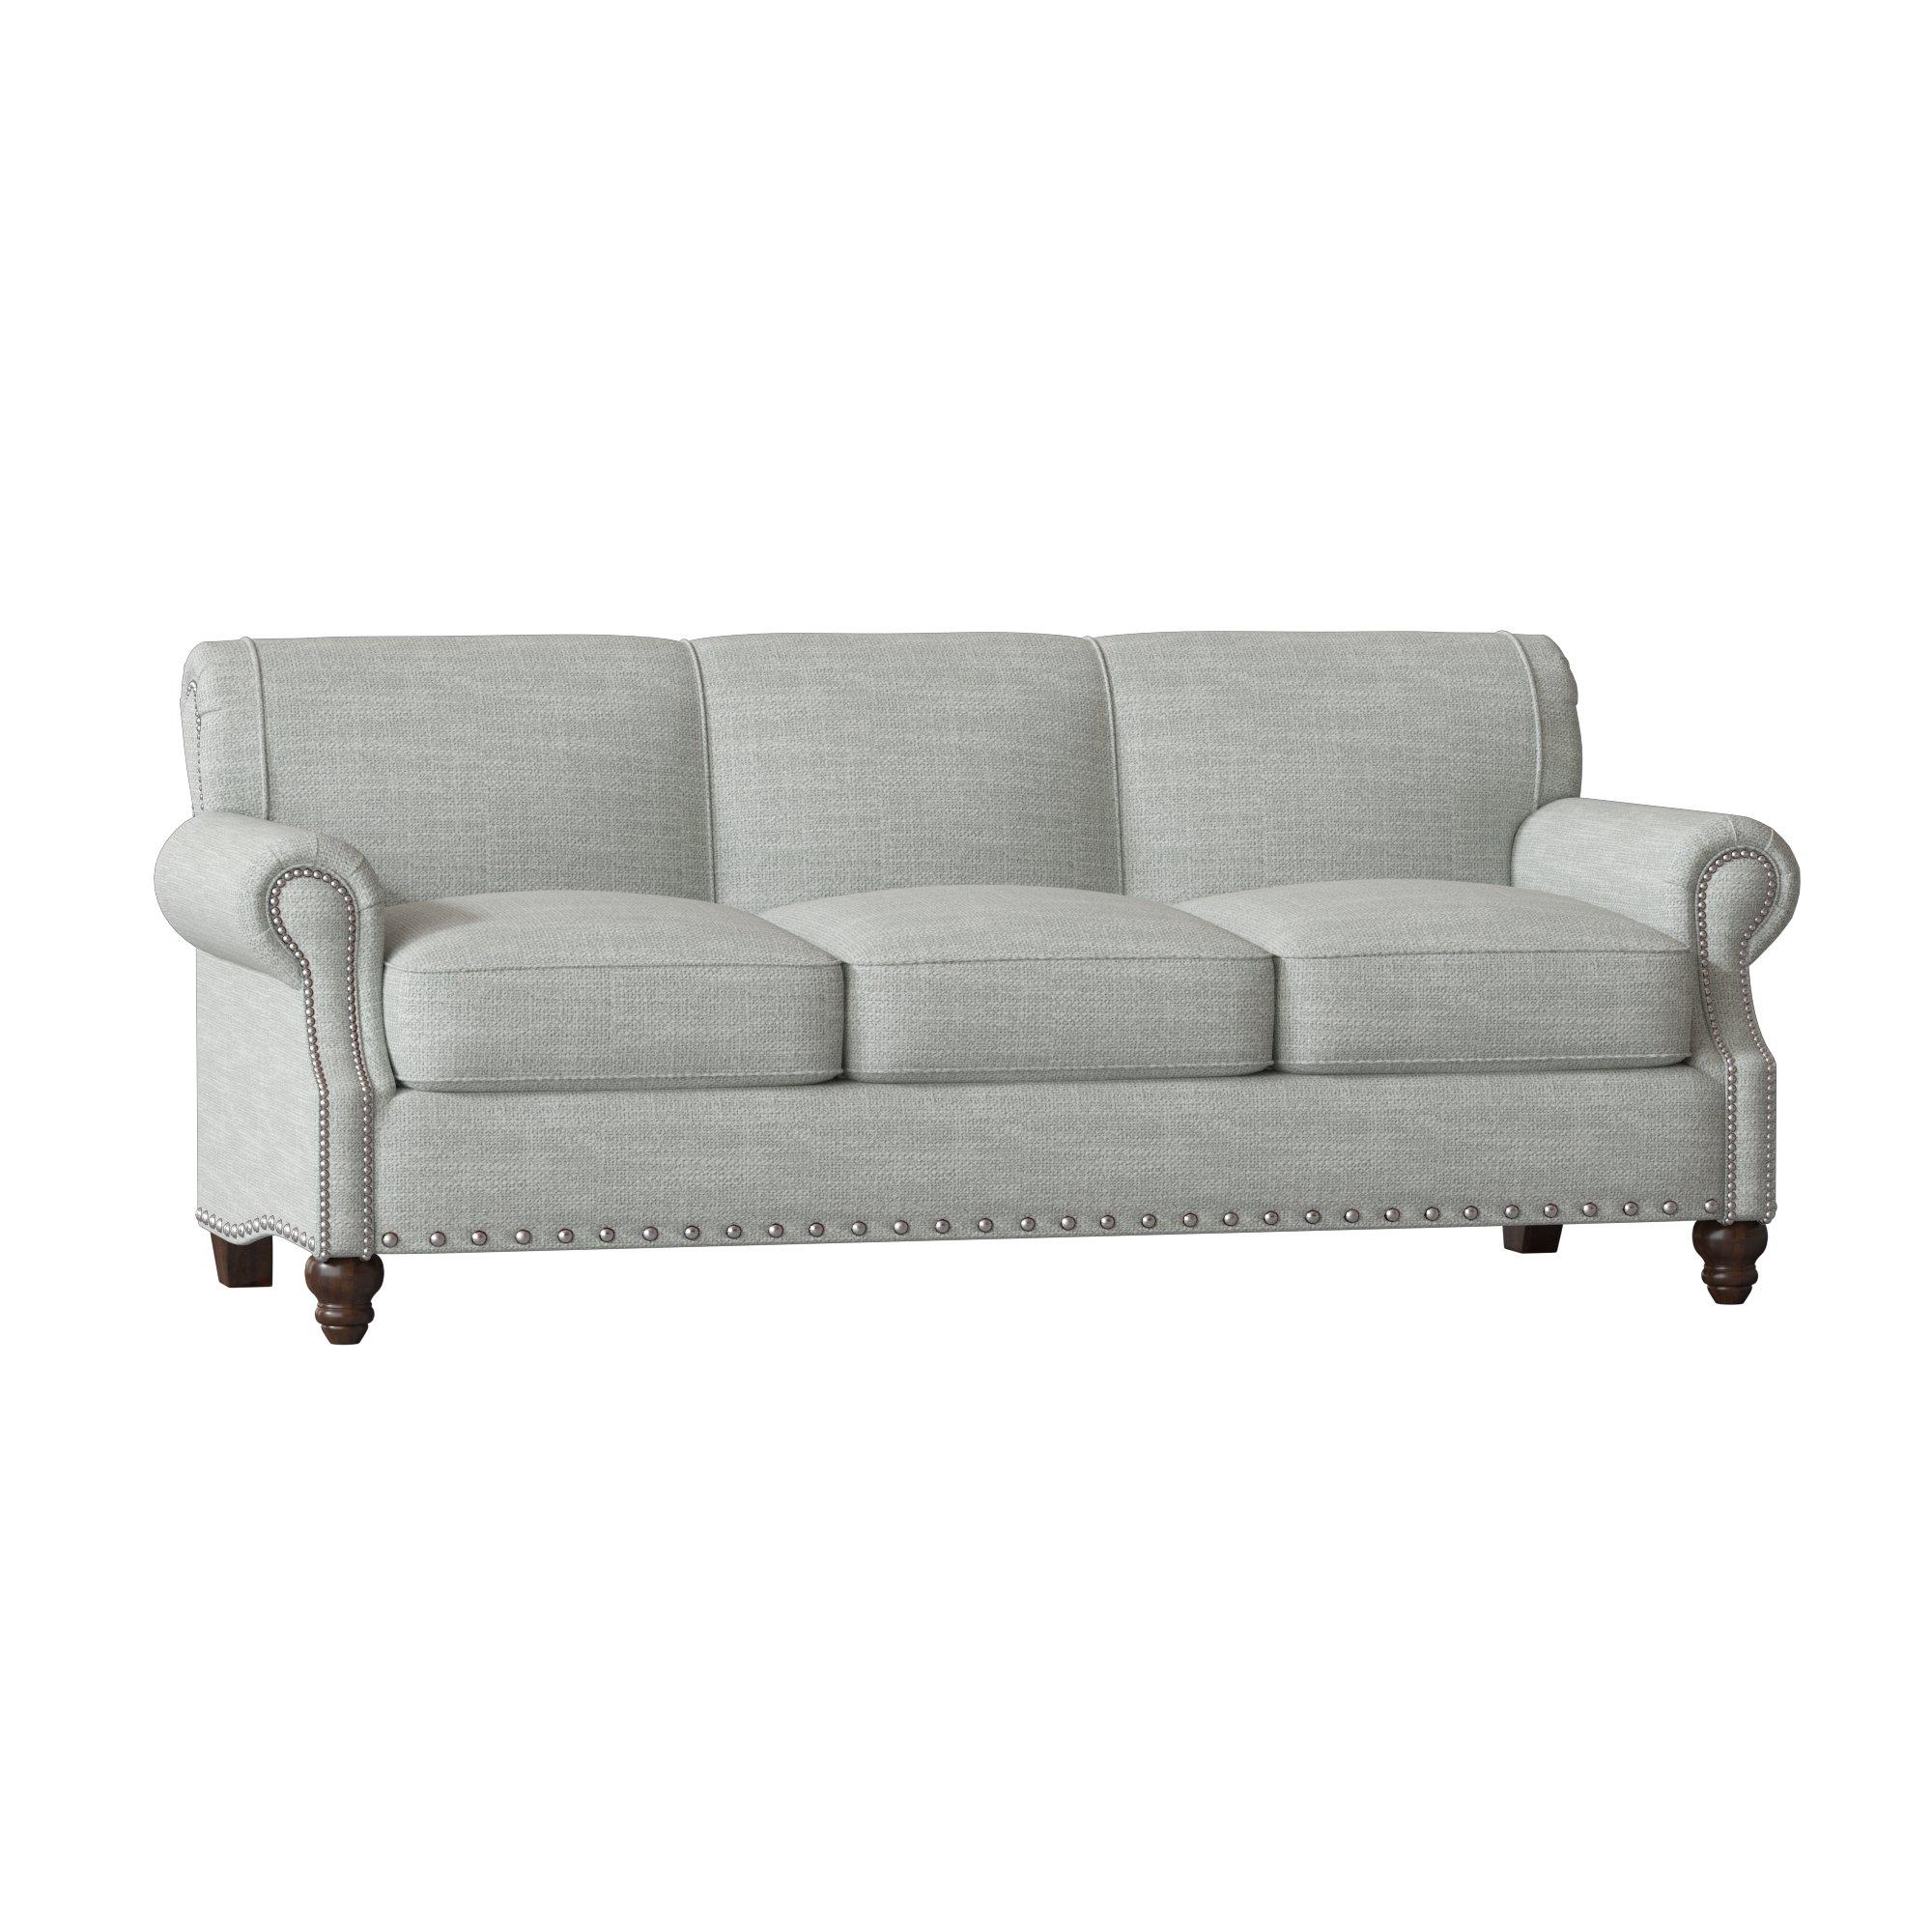 Birch Lane™ Heritage Landry Sofa & Reviews | Birch Lane Pertaining To Landry Sofa Chairs (Image 10 of 25)